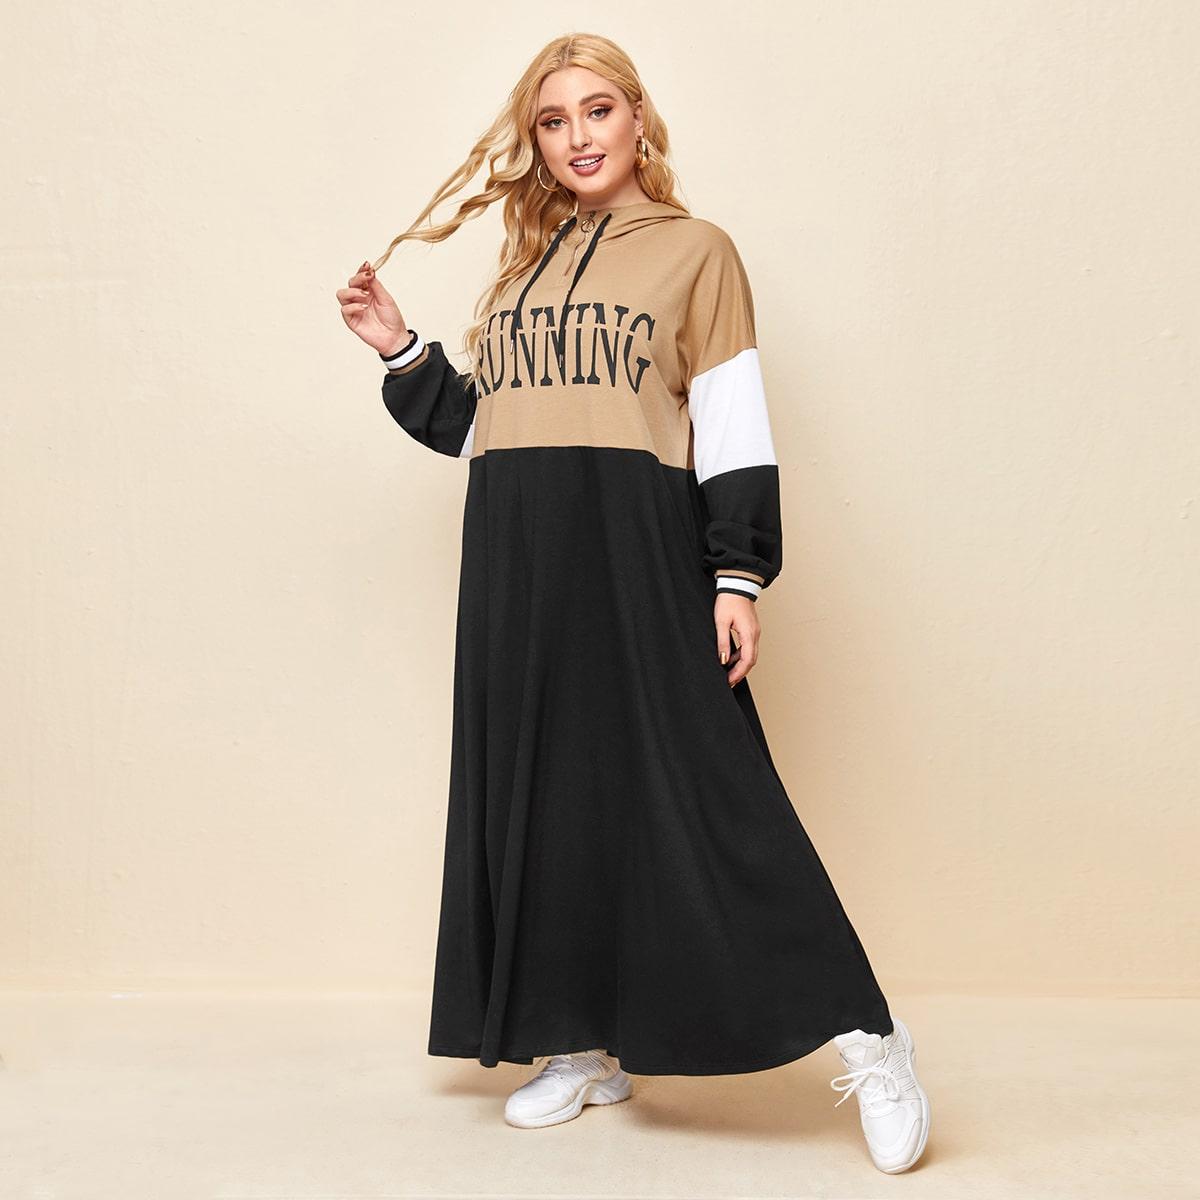 Контрастное платье на молнии с капюшоном и текстовым принтом размера плюс